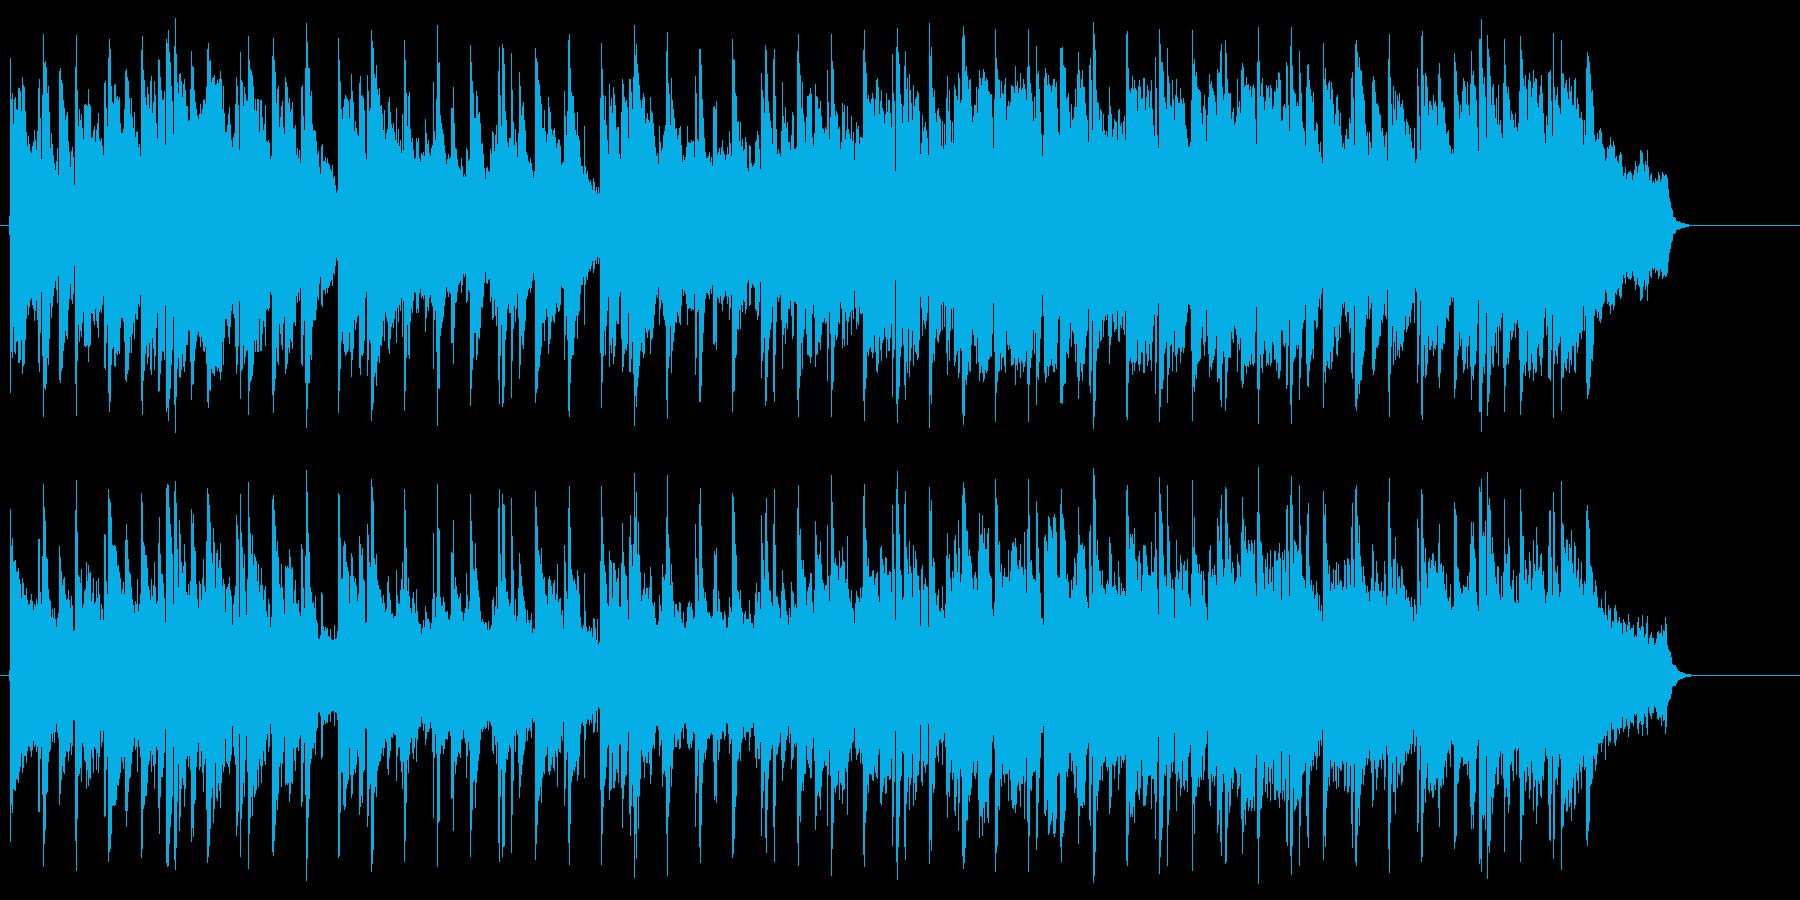 温もりがあり優しい気持ちになるバラードの再生済みの波形